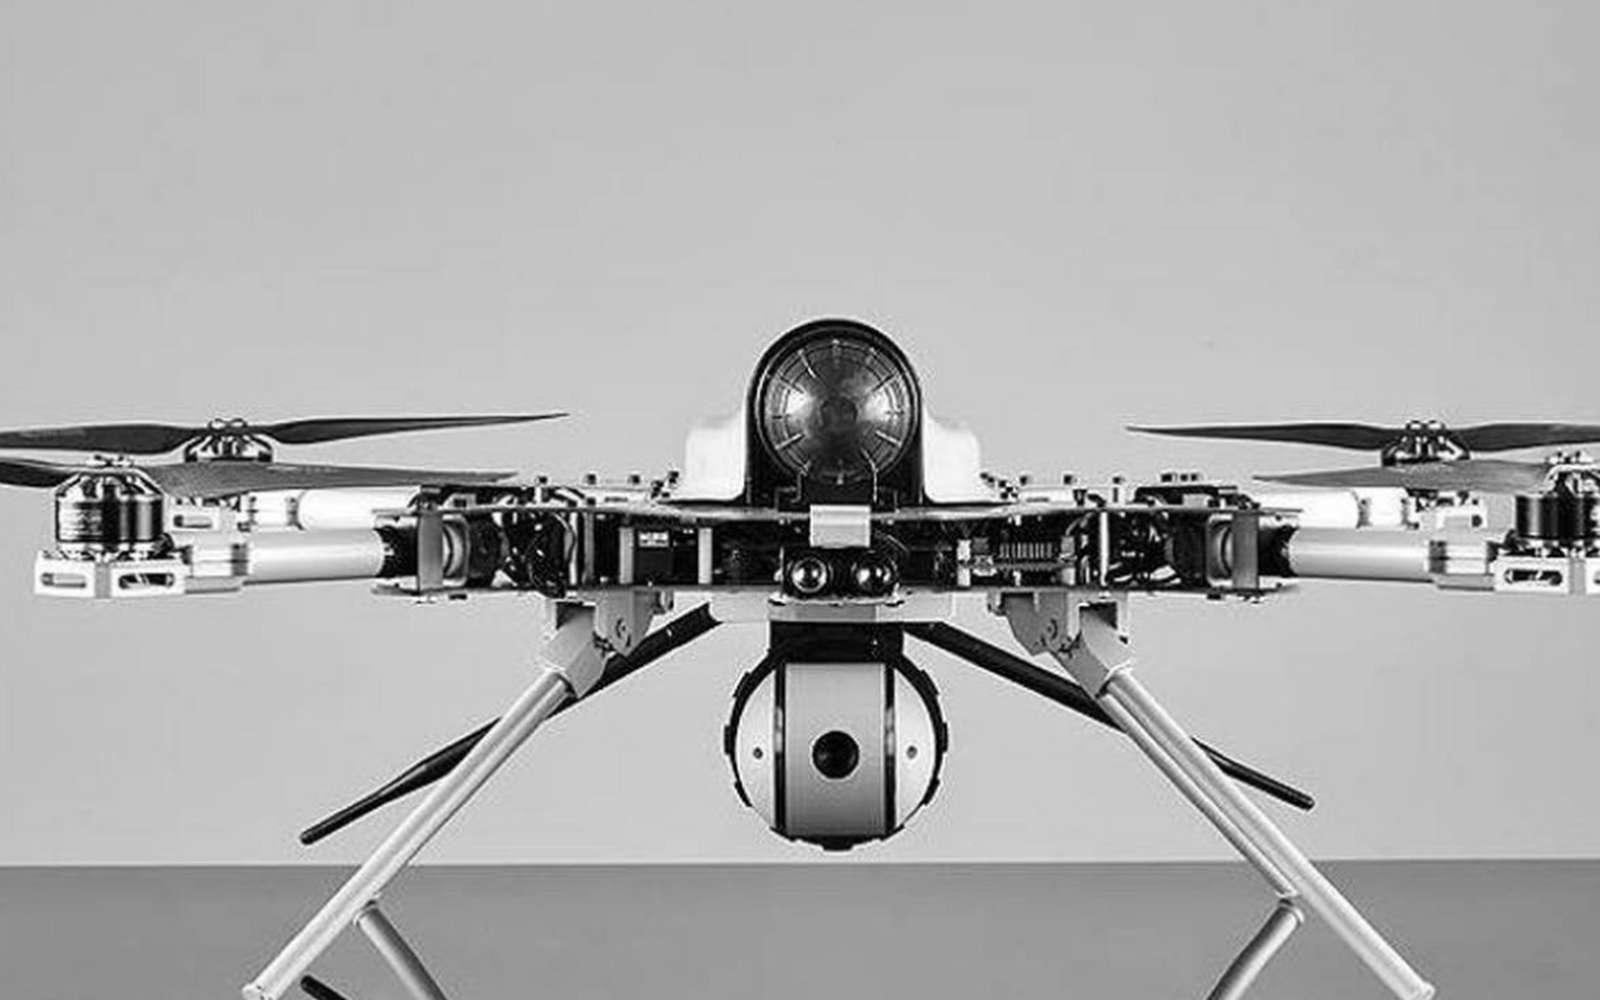 La perte de liaison a transformé l'aéronef en tueur autonome choisissant sa cible pour l'éliminer. © STM